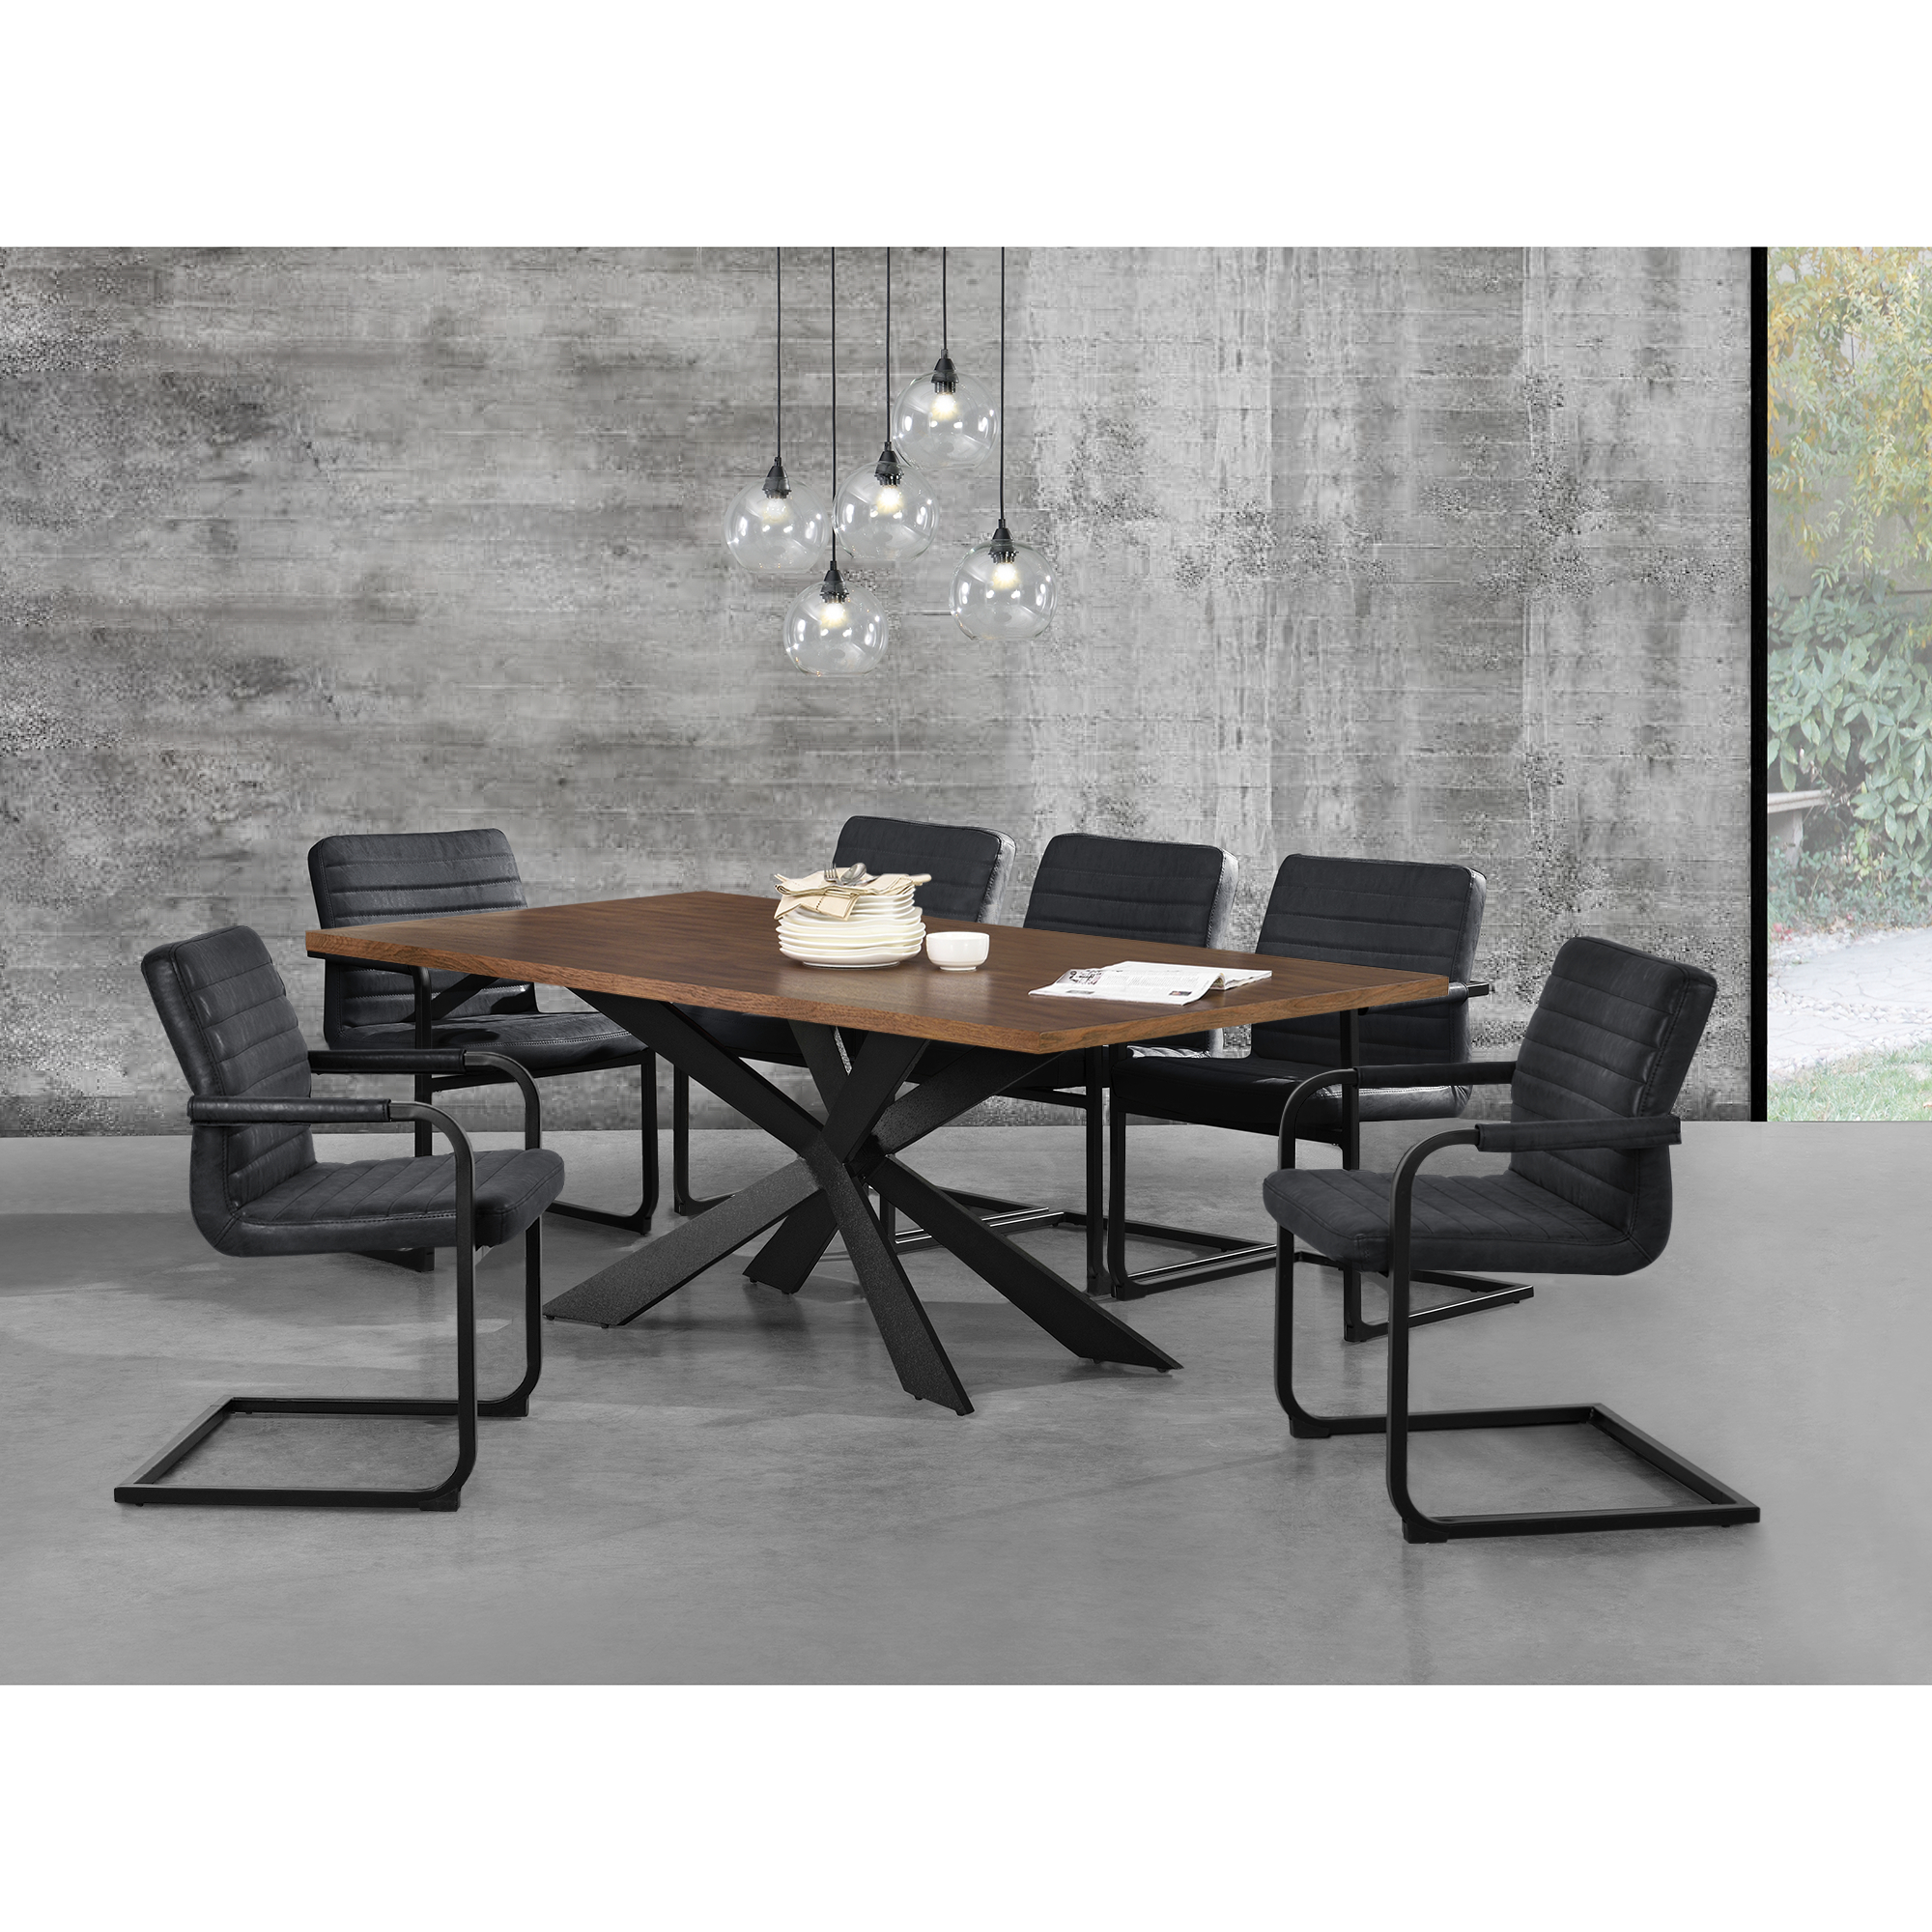 Esstisch walnuss mit 6 st hlen 200x100 tisch for Tisch schwarz